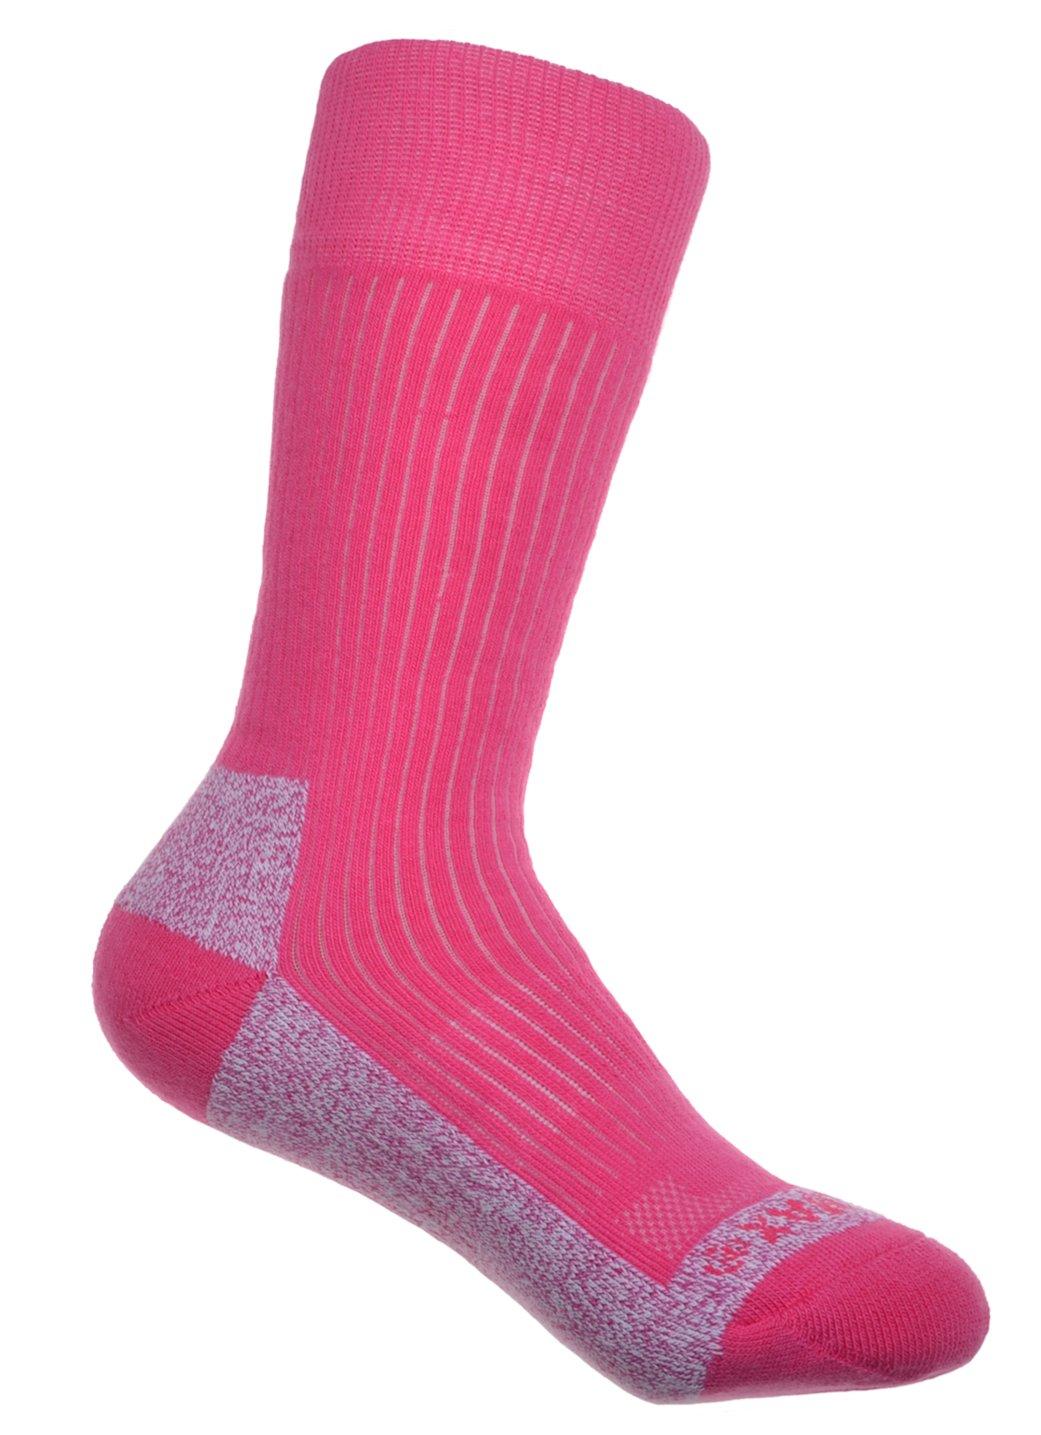 2 Pairs of Thick Cotton Coolmax Ladies Socks Ladies Medium 4-7